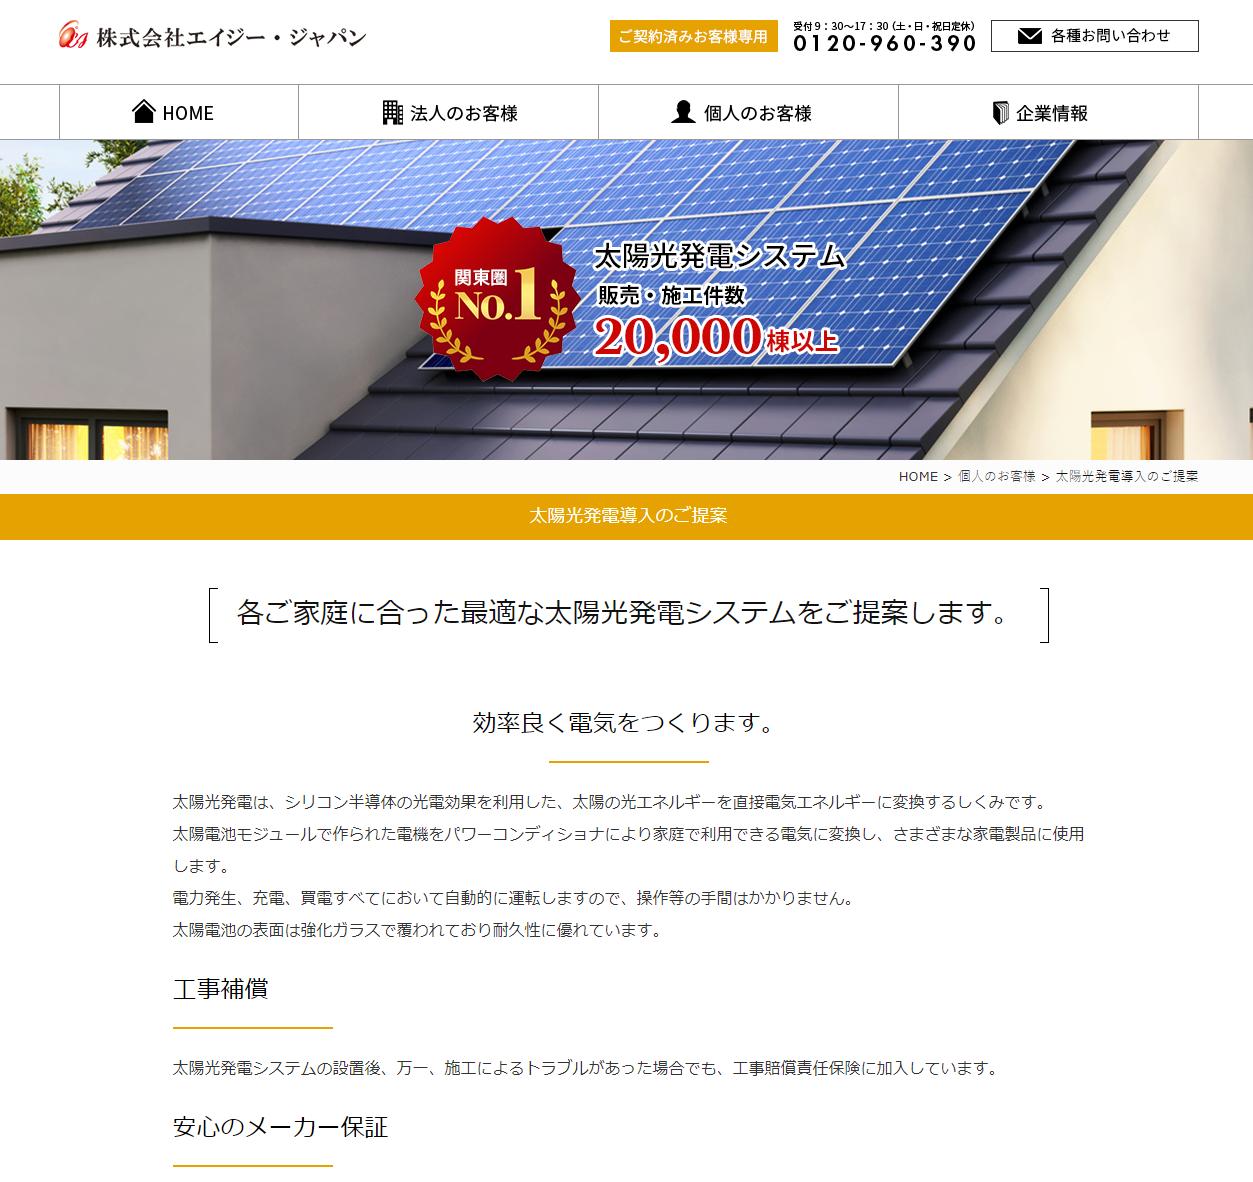 """<span class=""""title"""">株式会社エイジー・ジャパンの口コミや評判</span>"""